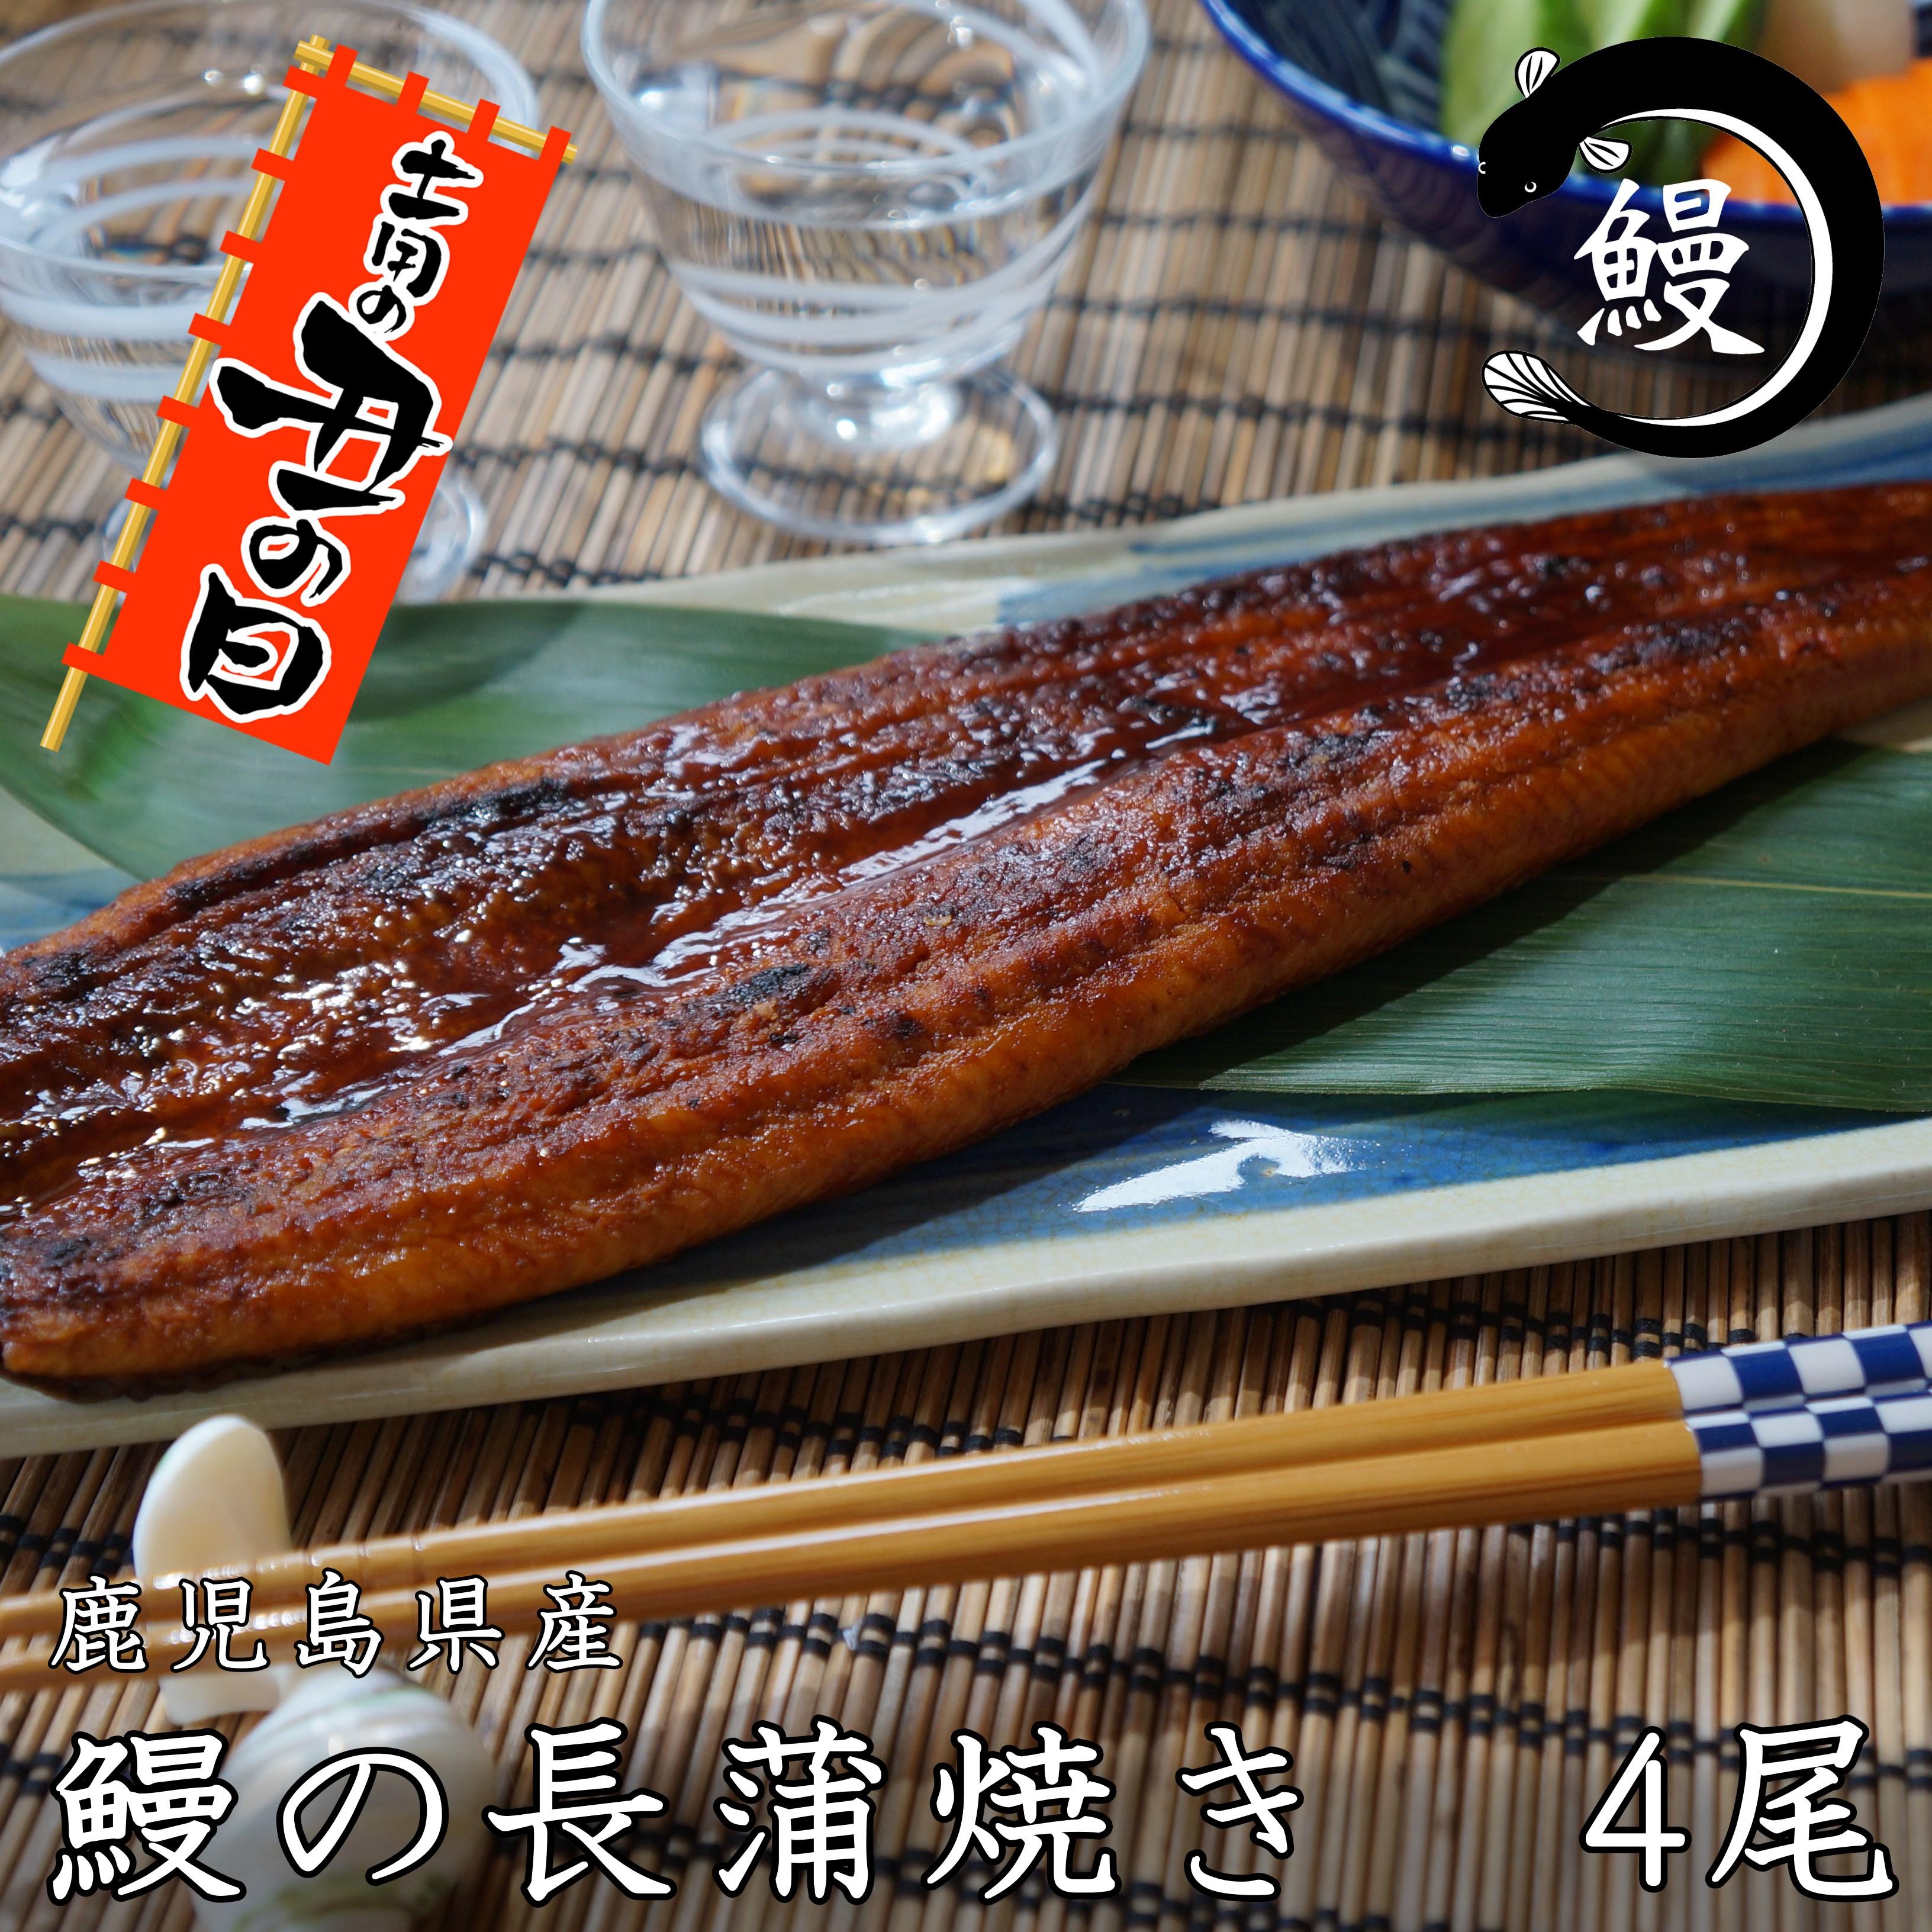 土用の丑の日 鰻の長蒲焼き 4尾セット